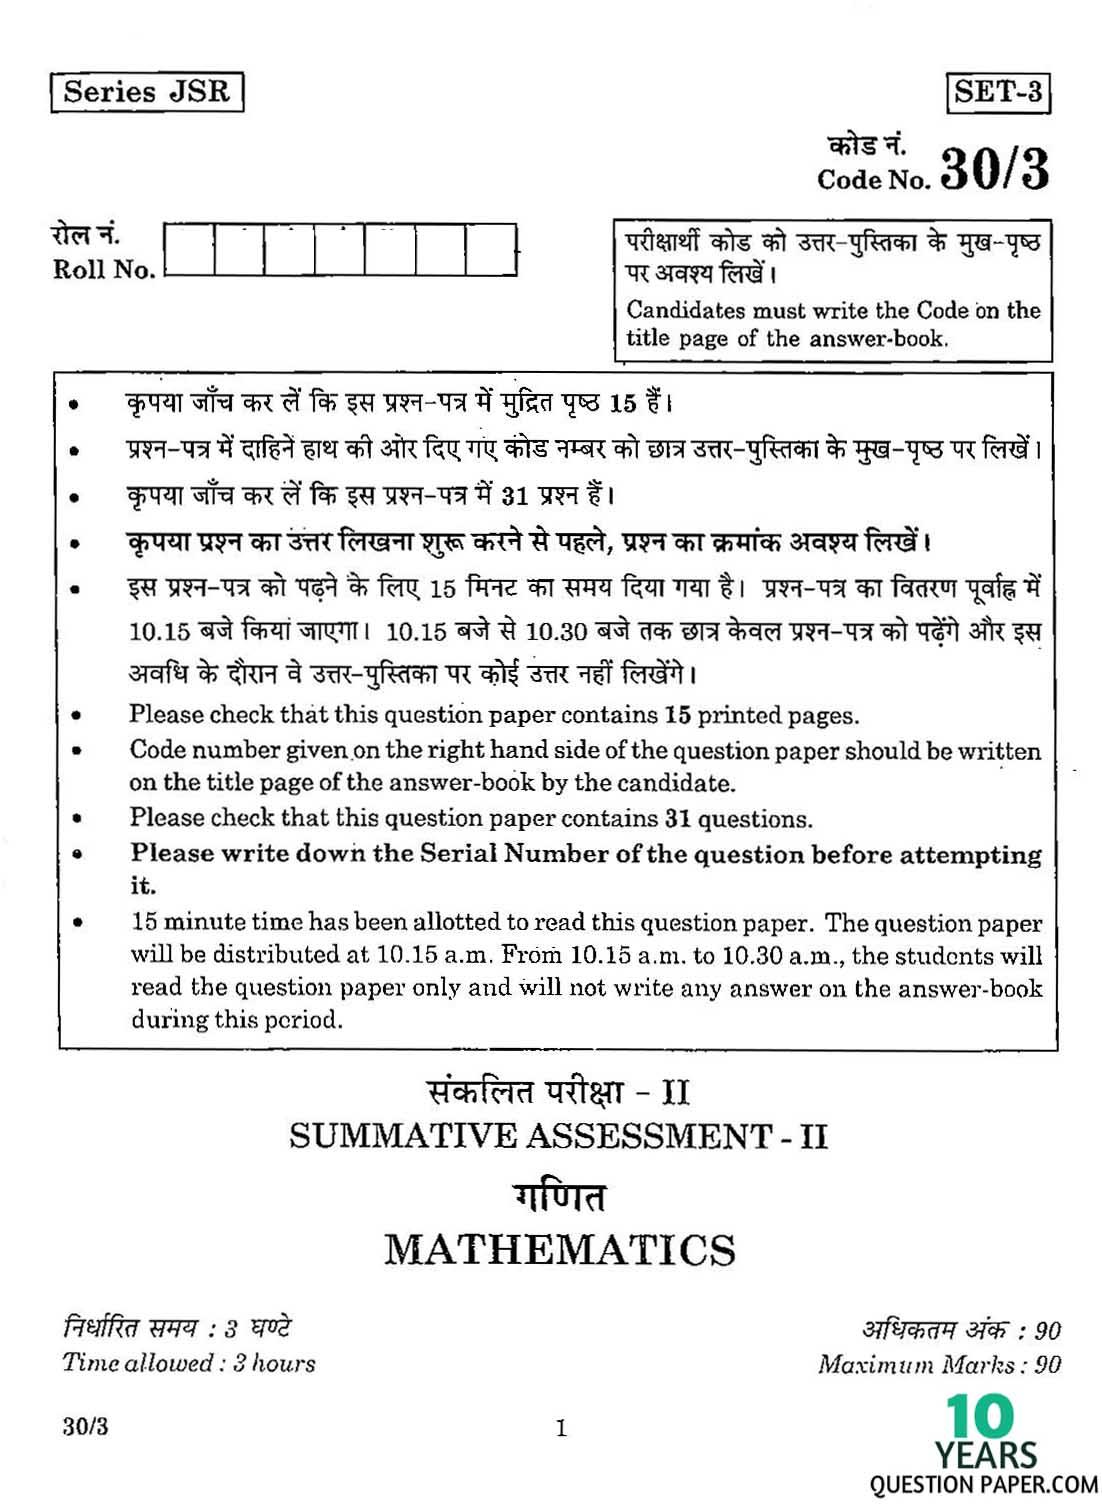 Mathematics Questions For Class 10 Cbse